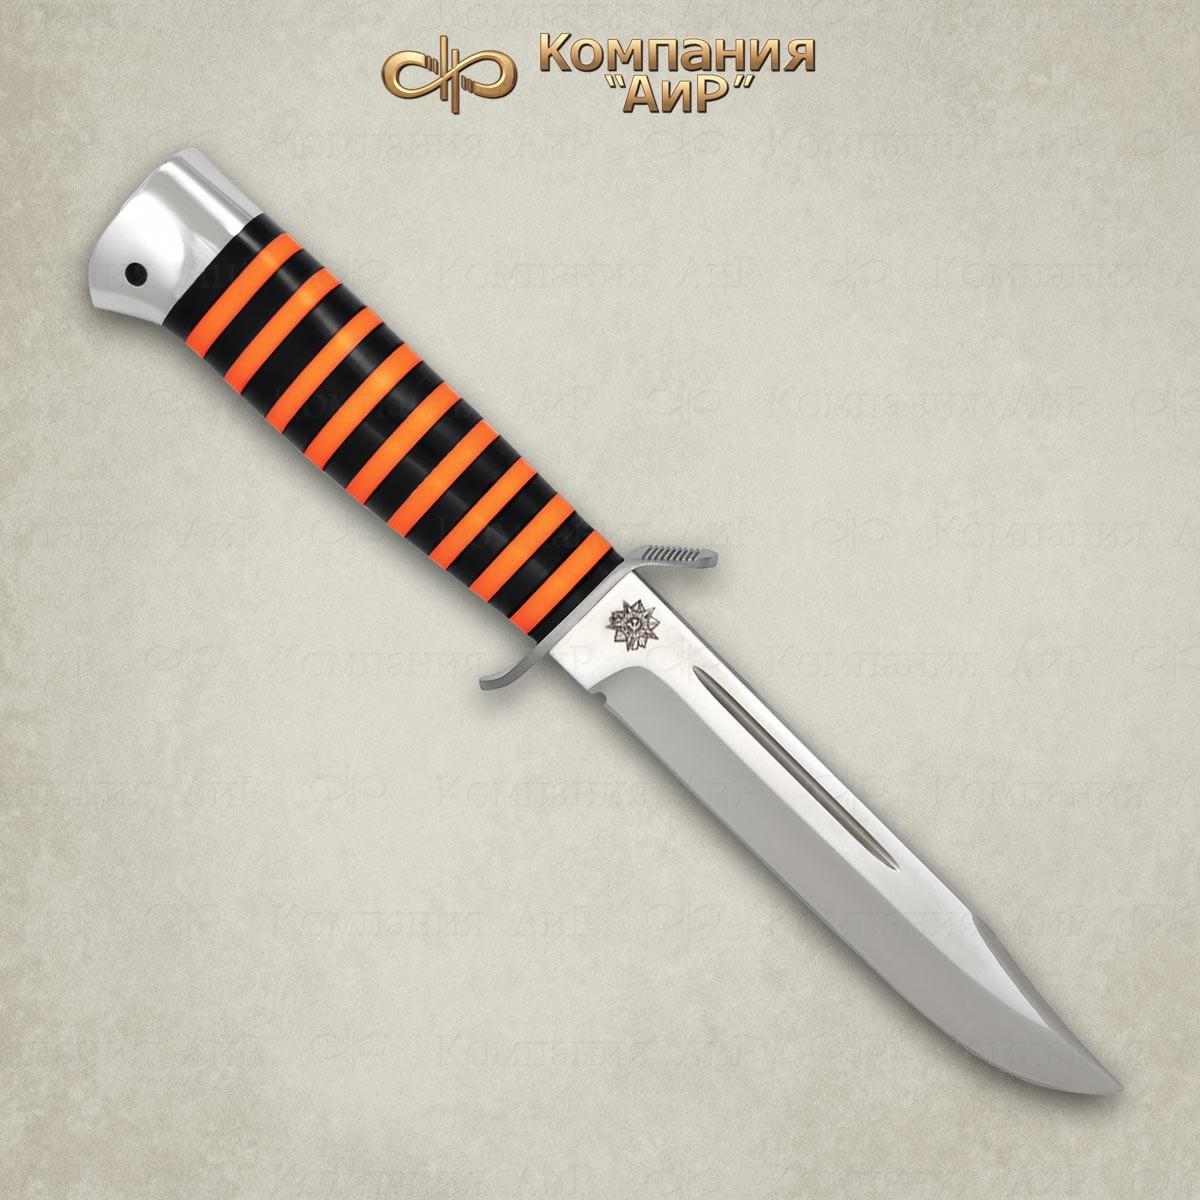 Нож Штрафбат, оргстекло, 95х18Тактические ножи<br>В комплекте:<br><br>кожаные ножны<br>сертификат соответствия о том, что нож не является холодным оружием<br>паспорт изделия<br>мягкий текстильный кейс с логотипом компании<br>